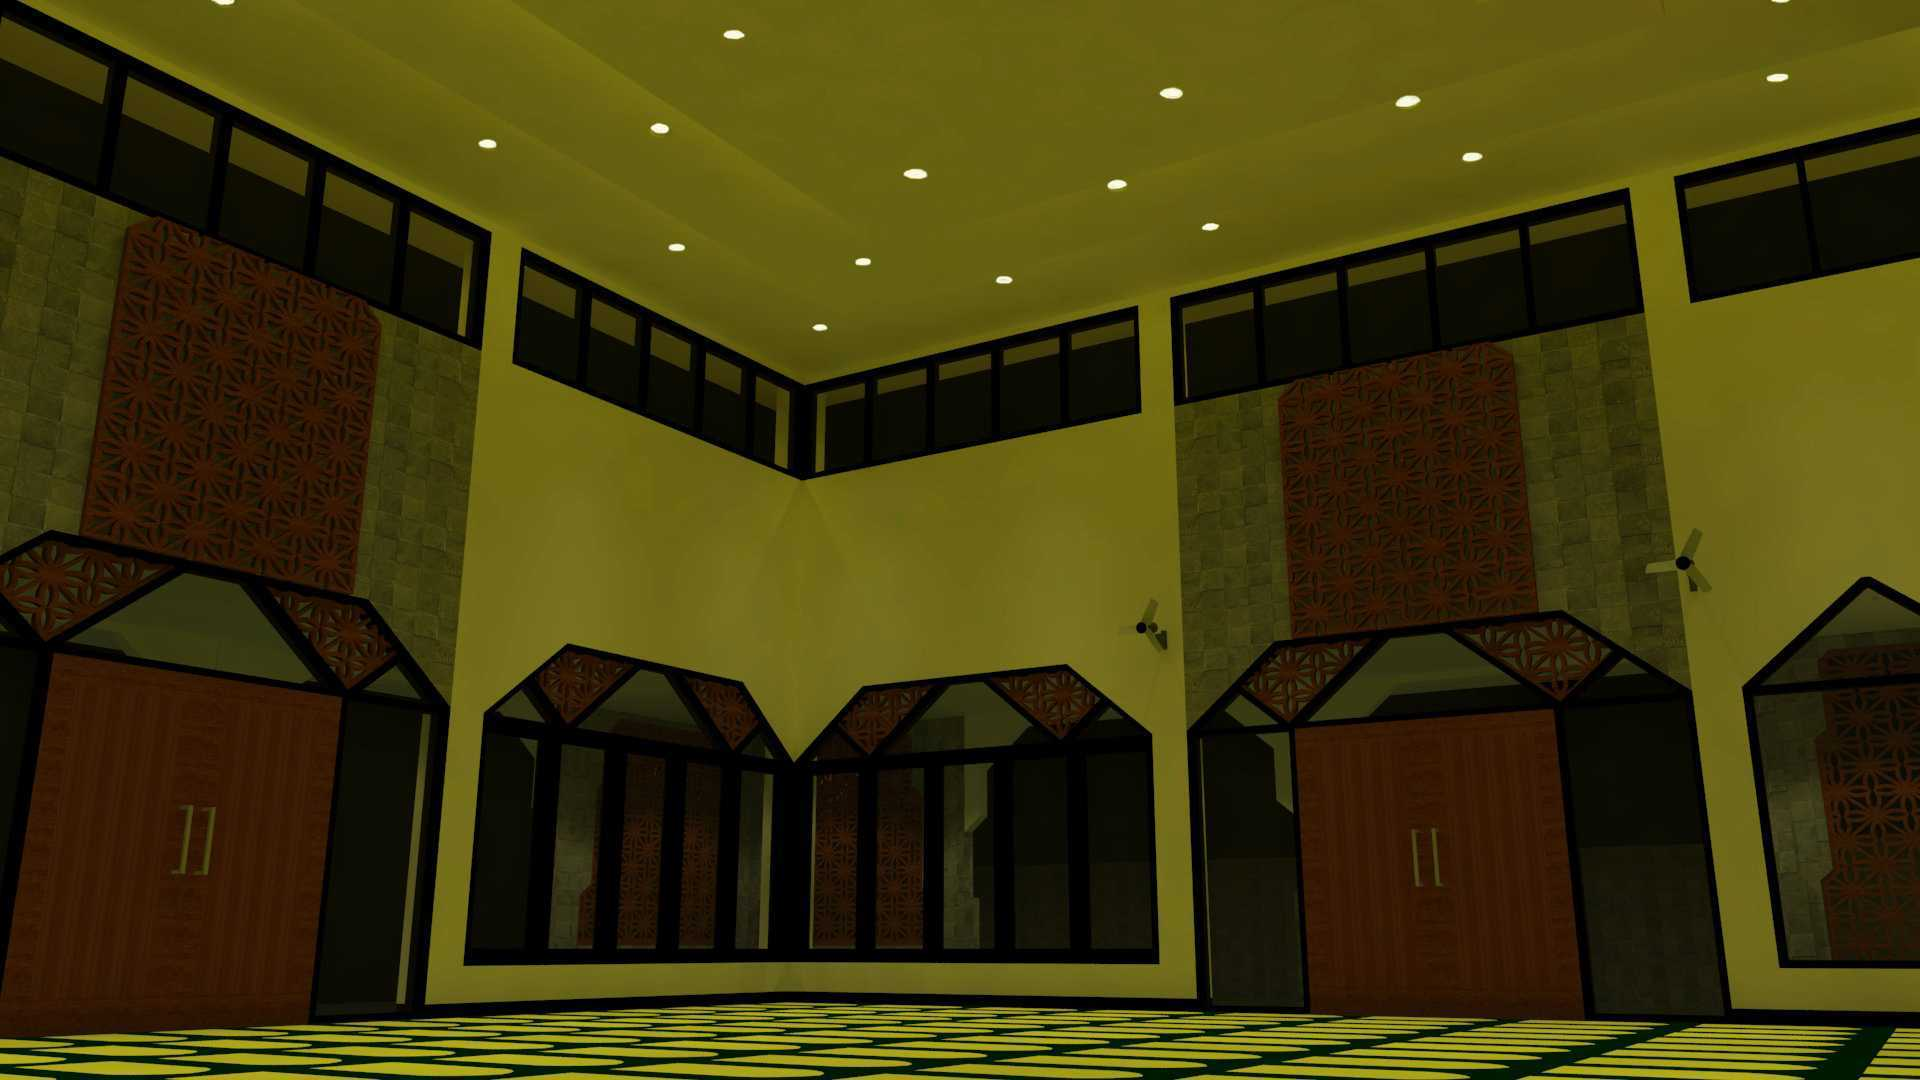 Ilham Gusti Syahadat Masjid Al-Ghaffar Malang, Kota Malang, Jawa Timur, Indonesia Malang, Kota Malang, Jawa Timur, Indonesia Interior Masjid Al-Ghaffar Modern 74383